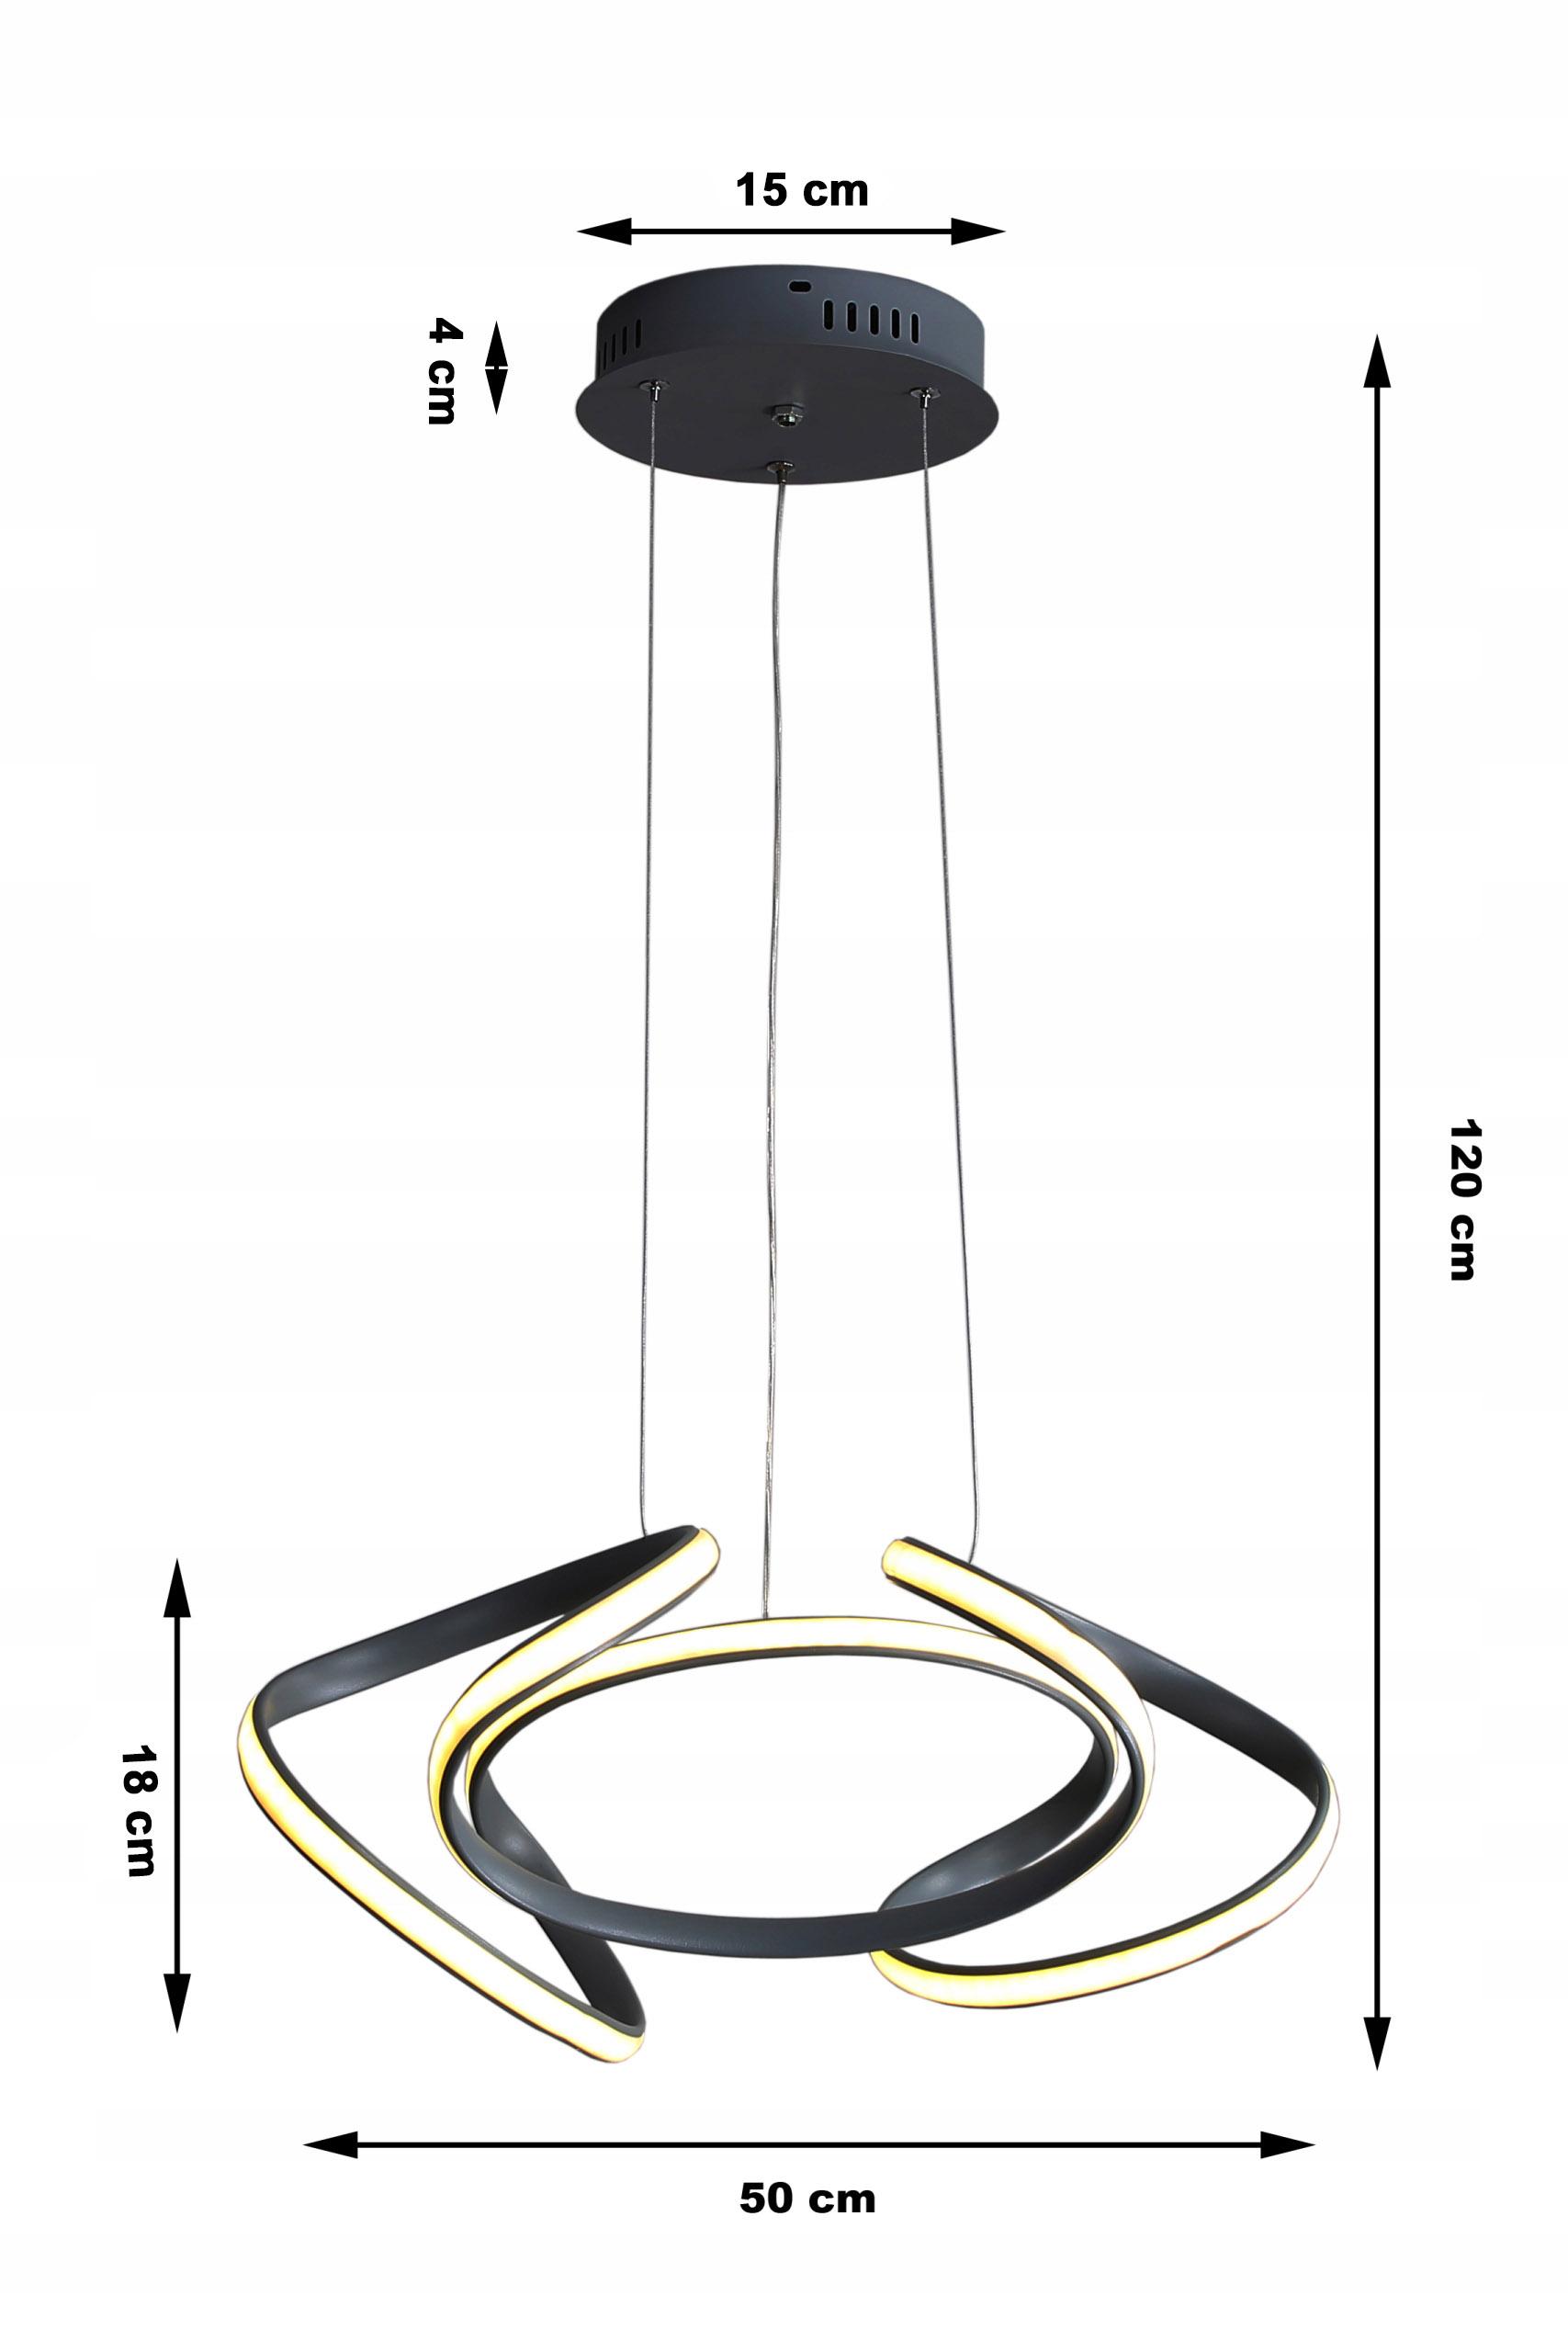 Futurystyczna lampa LED Wobako Helix III - modernistyczna lampa led  - oświetlenie liniowe